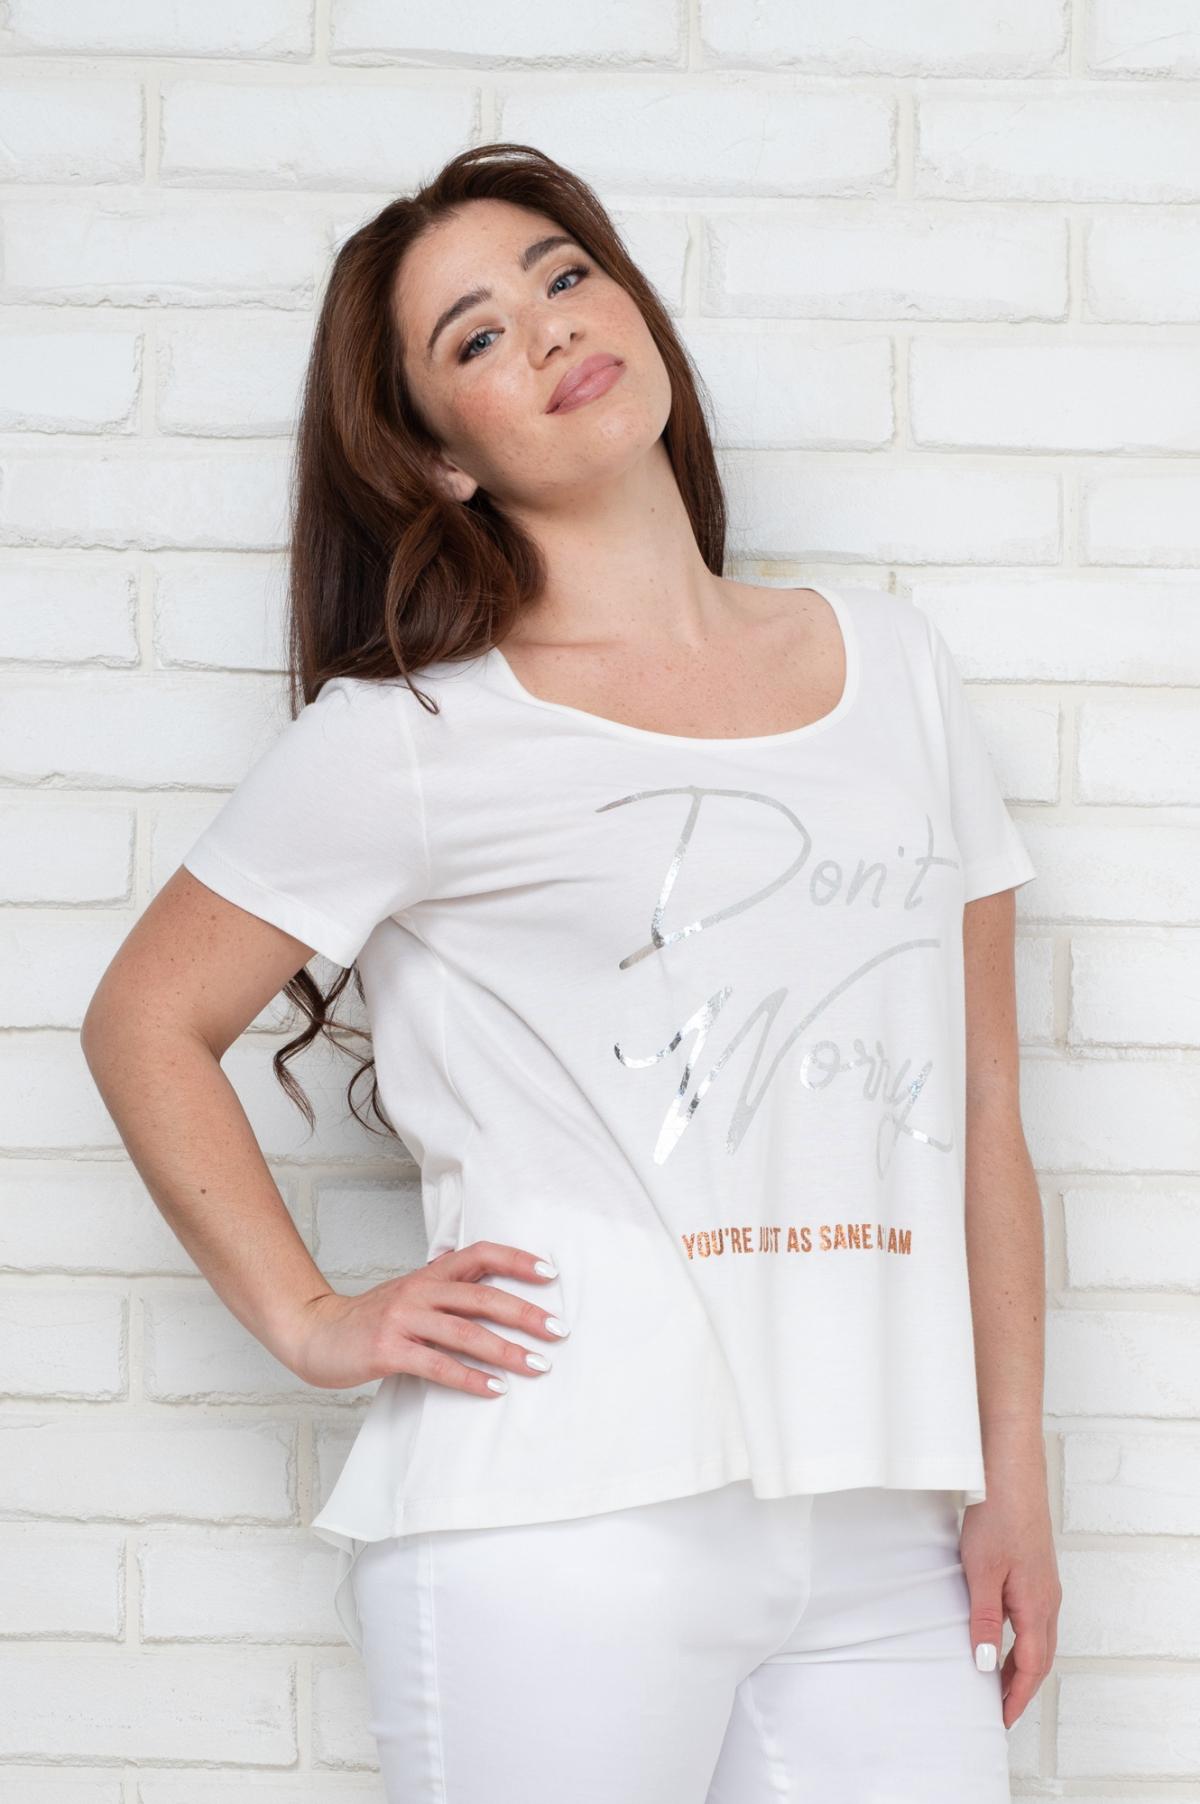 1e202339974 ΜΠΛΟΥΖΑ ΜΕ ΜΕΤΑΛΛΙΚΟ ΤΥΠΩΜΑ - Real Lady - Shop Online